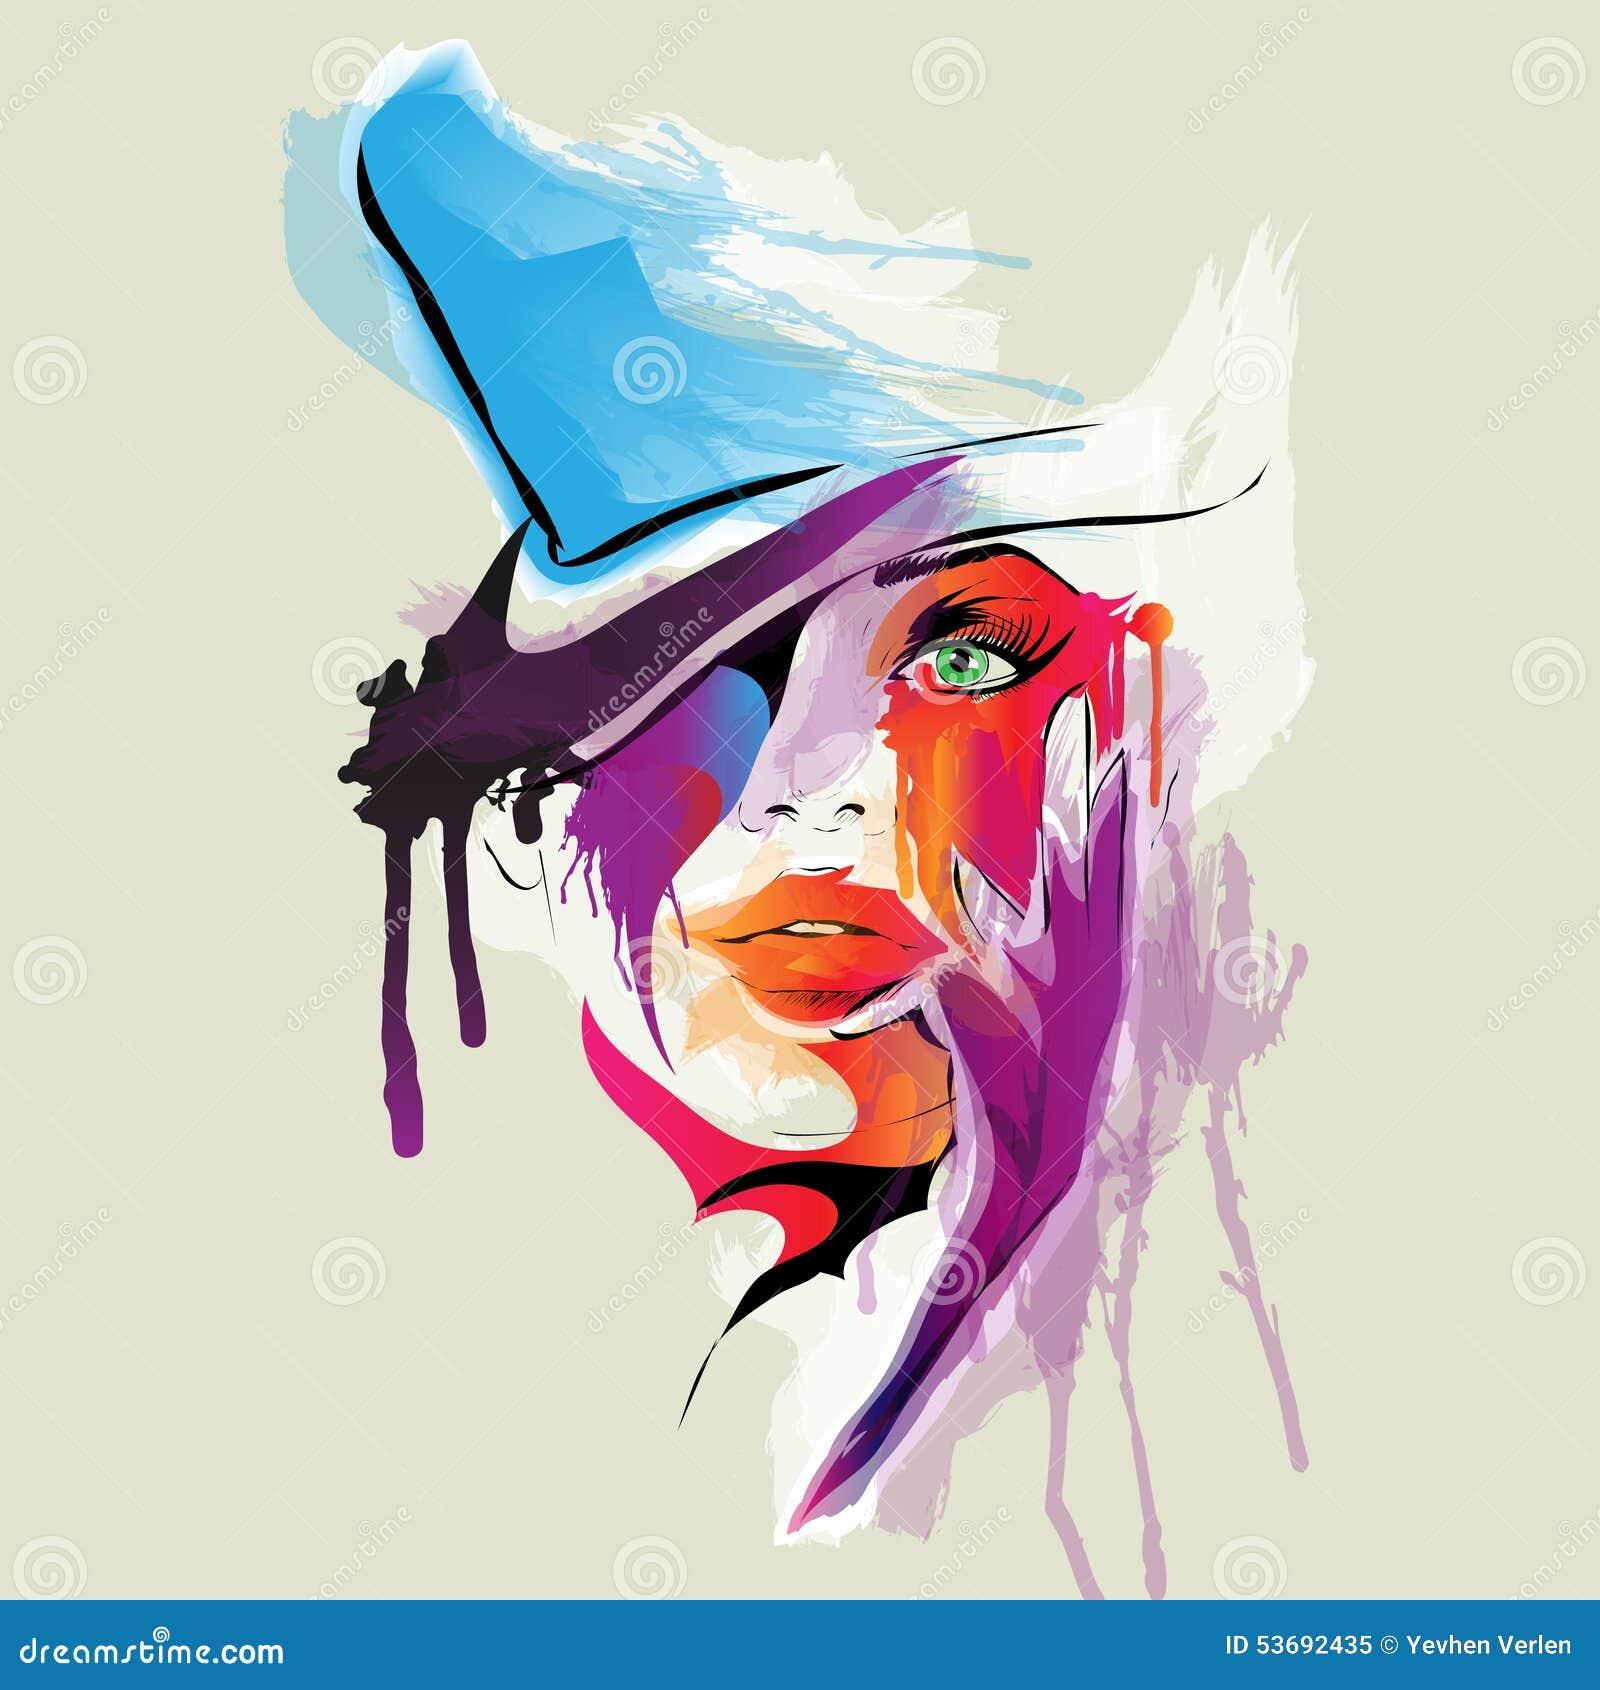 Extrêmement Visage Abstrait De Femme Illustration de Vecteur - Image: 53692435 XA23